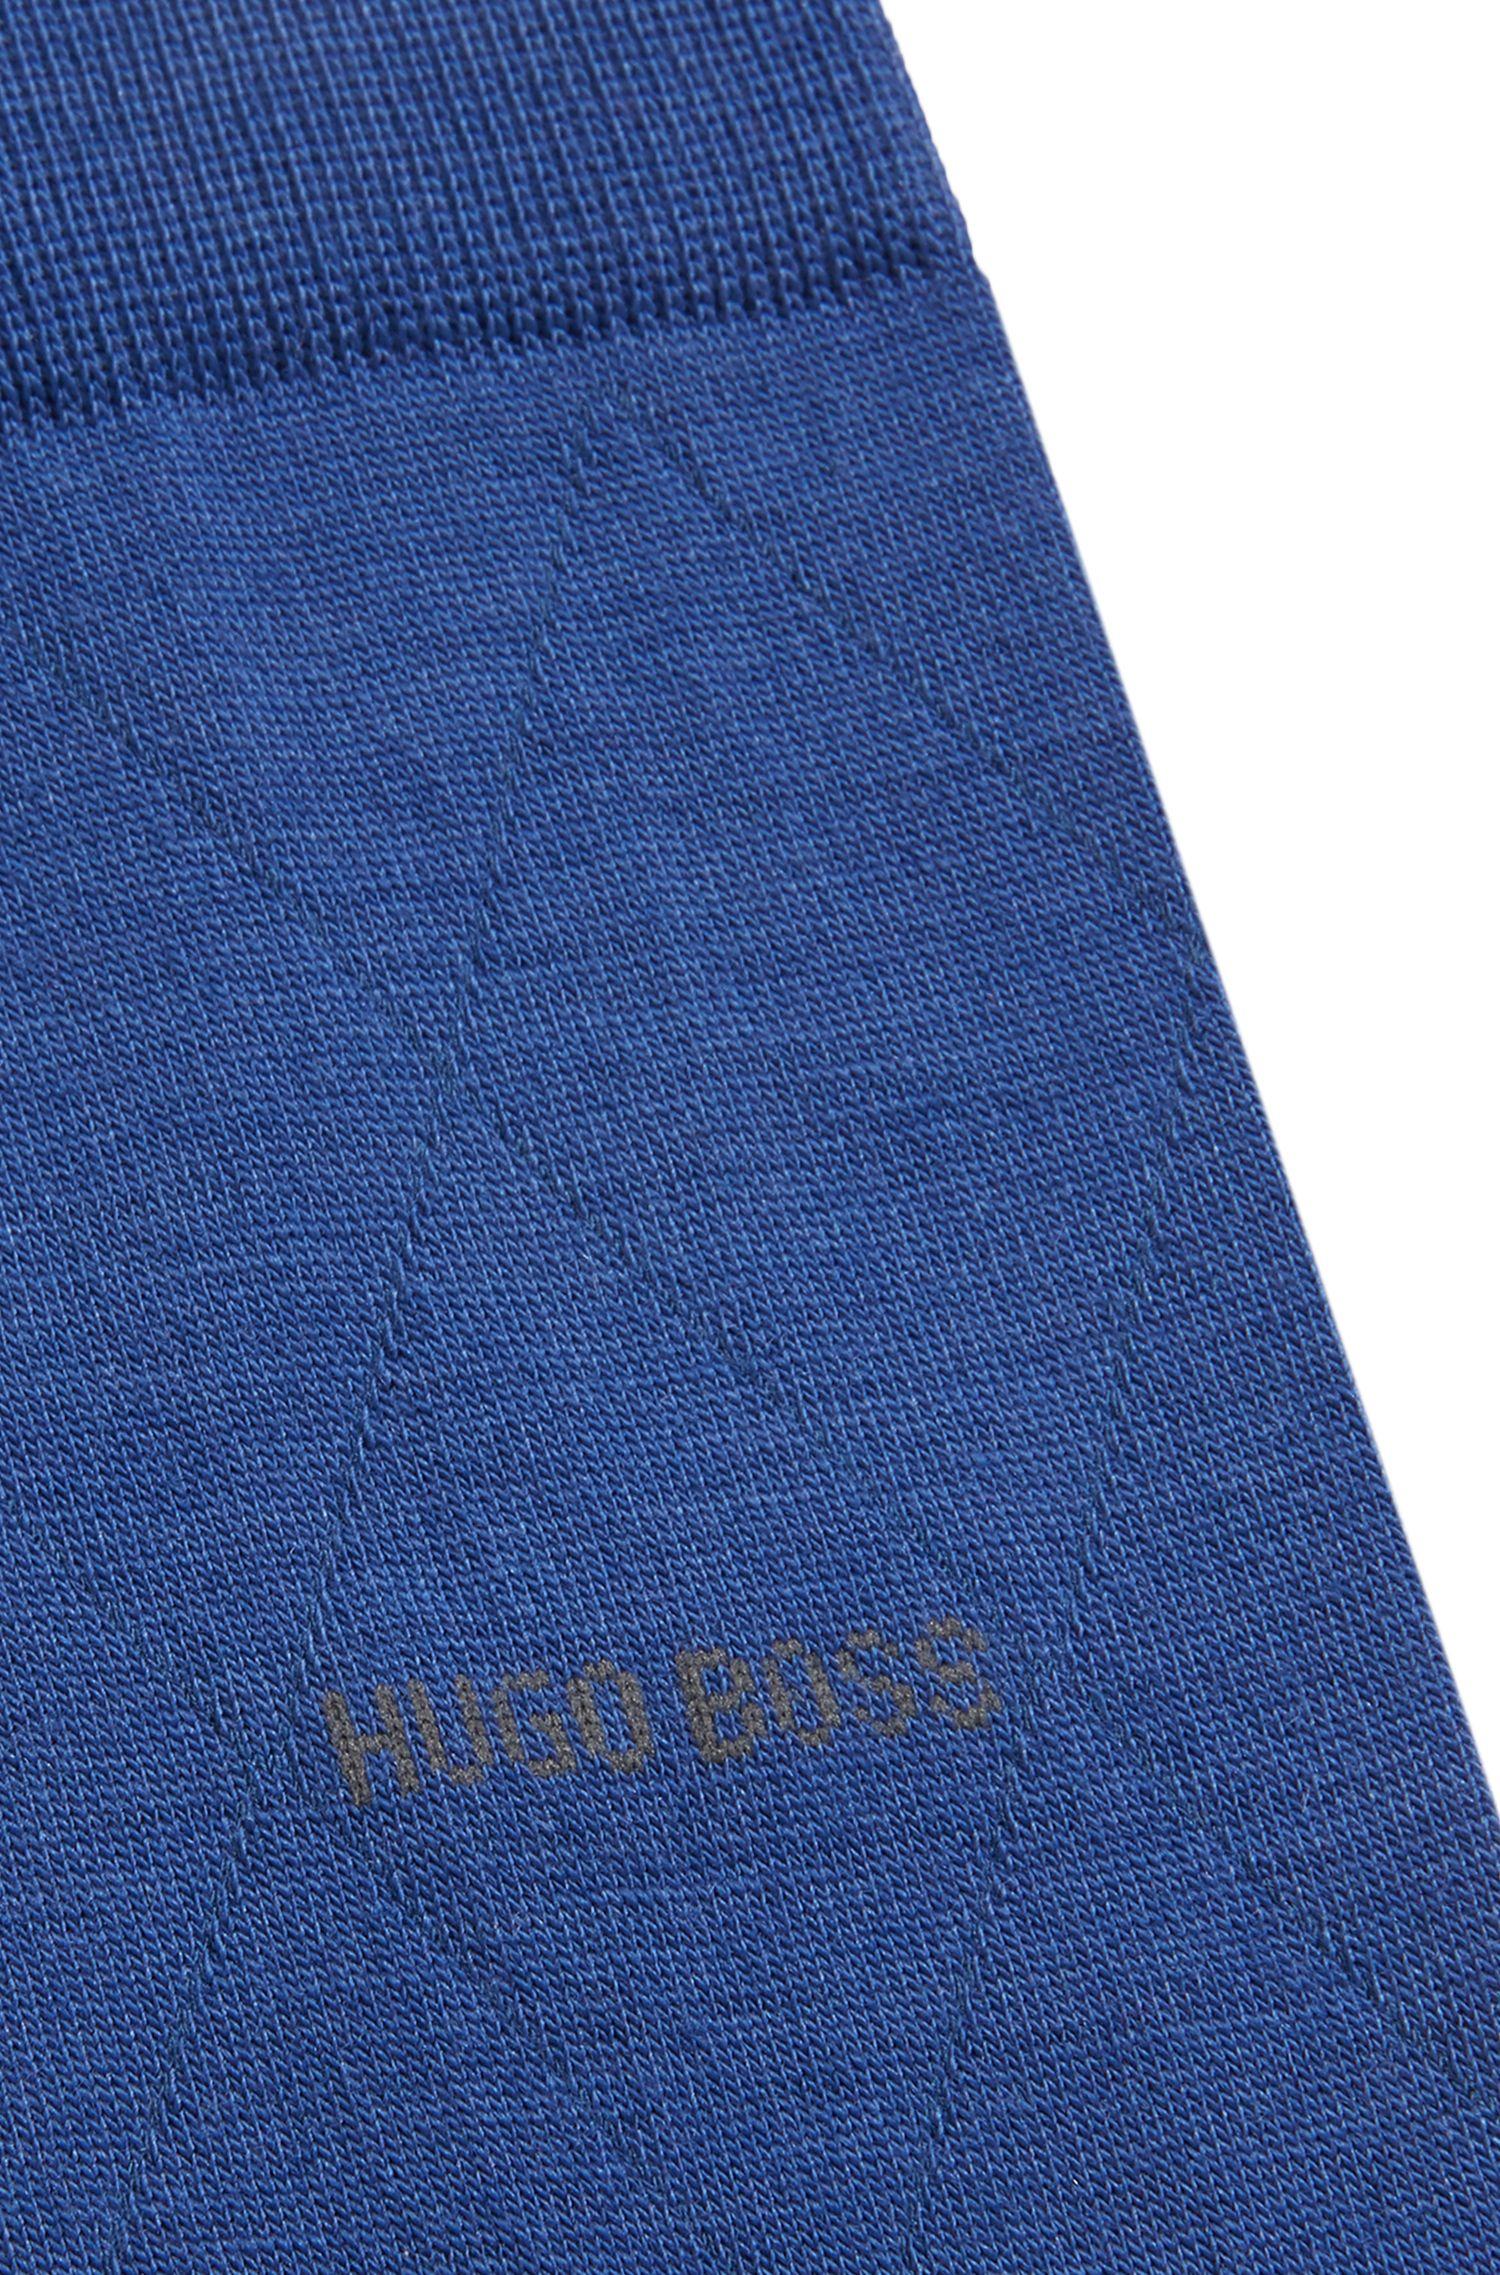 Calcetines ligeros en mezcla de lana elástica